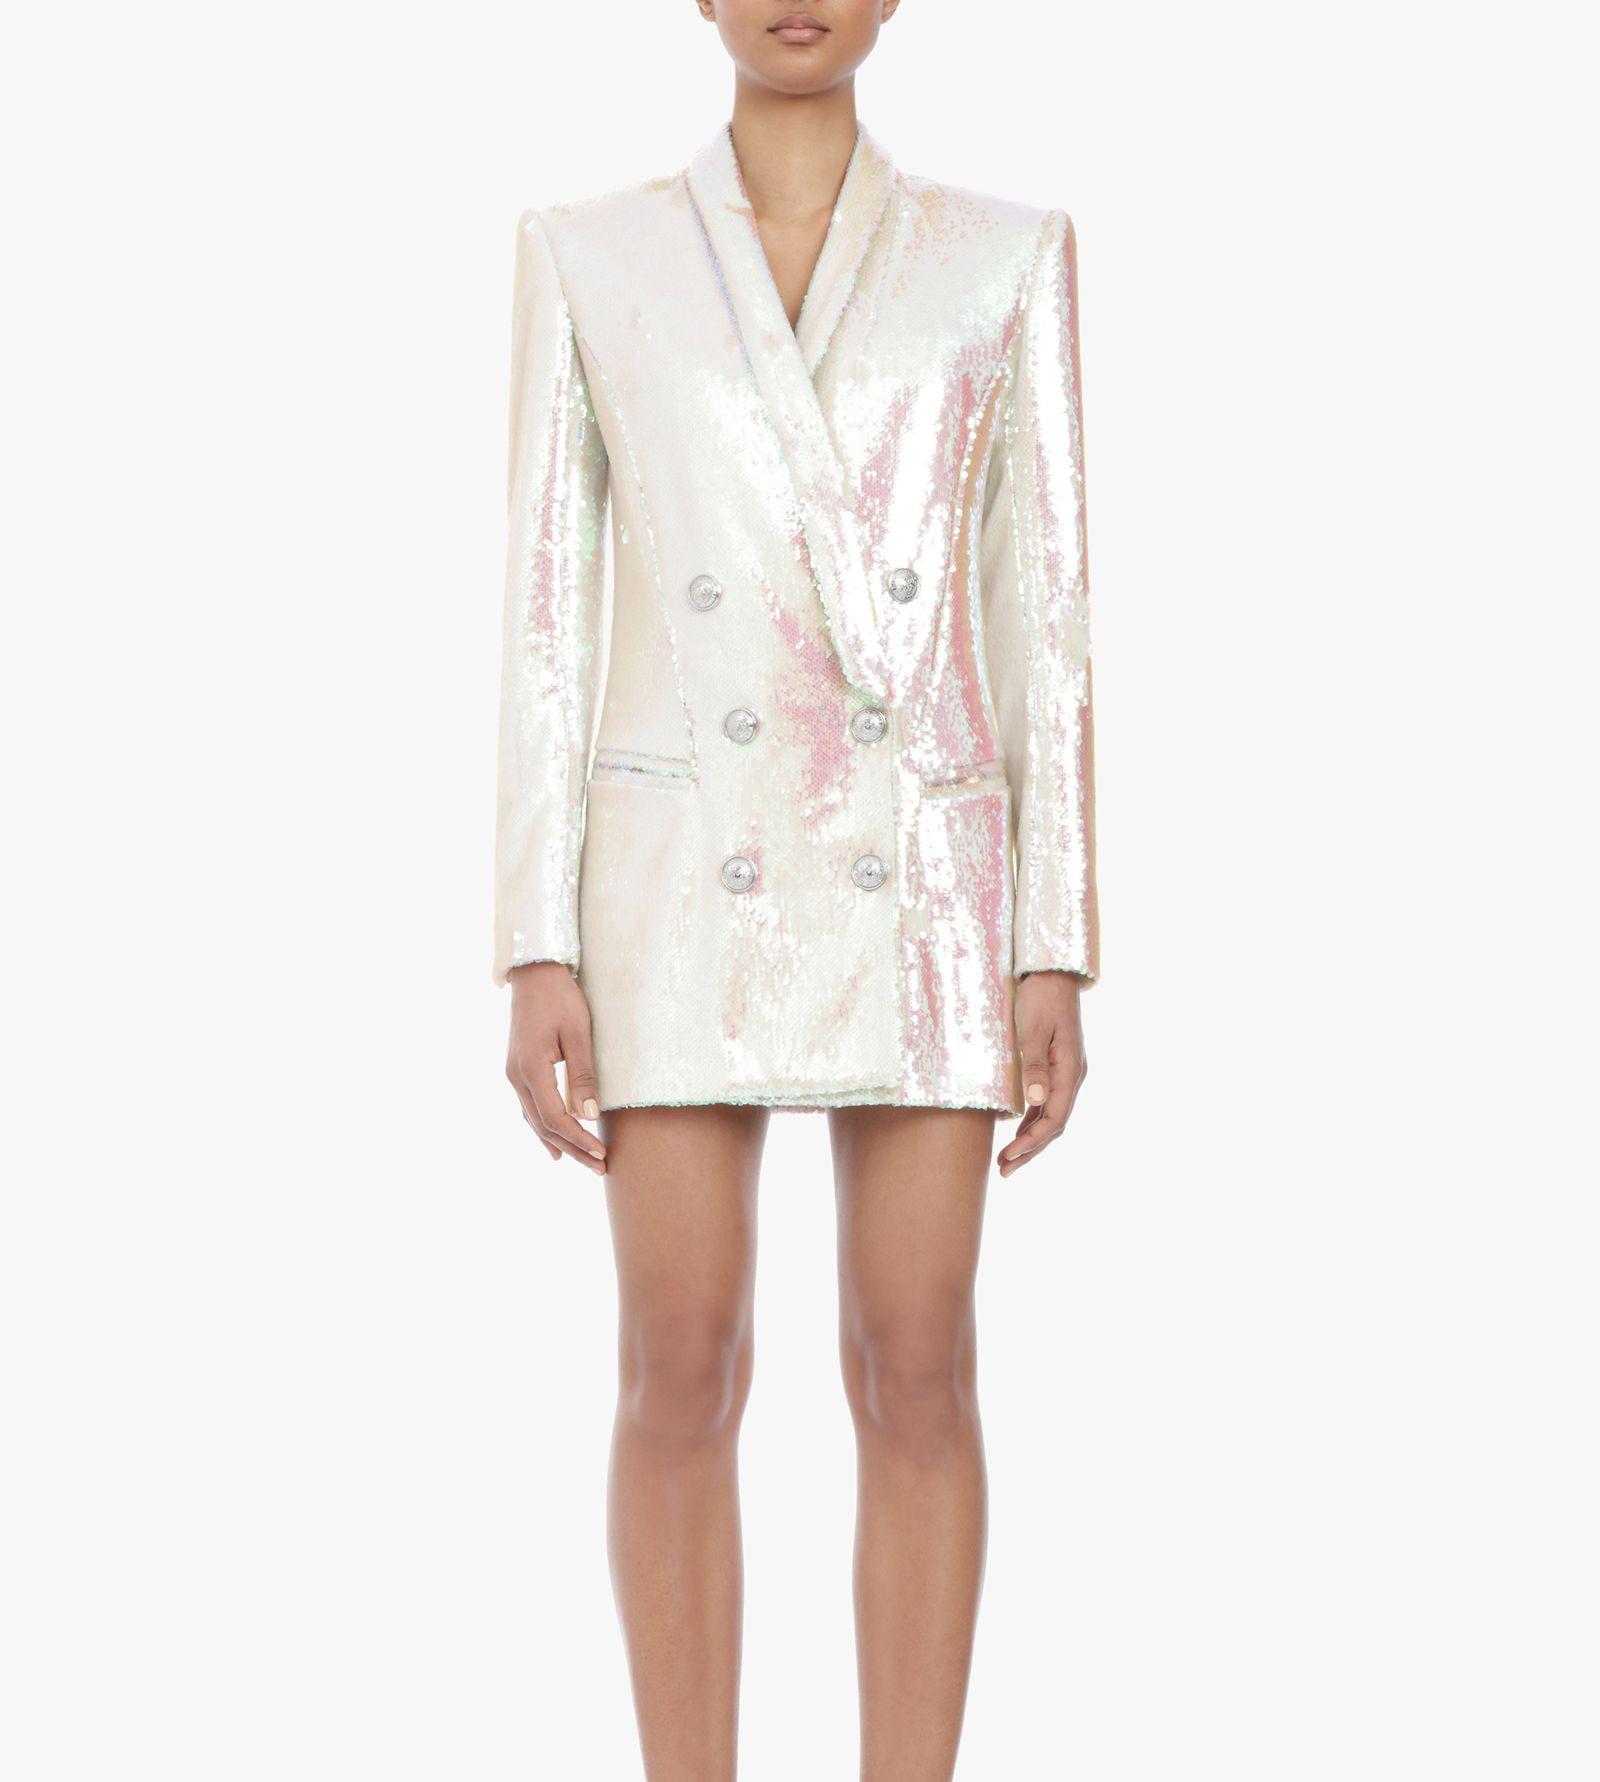 Printemps Lady Pour 2019 Qualité Ael Blanc Costume Pardessus Femmes Partie Blazer Fahion Manteau Supérieure Office Paillettes SxBFBqw6T